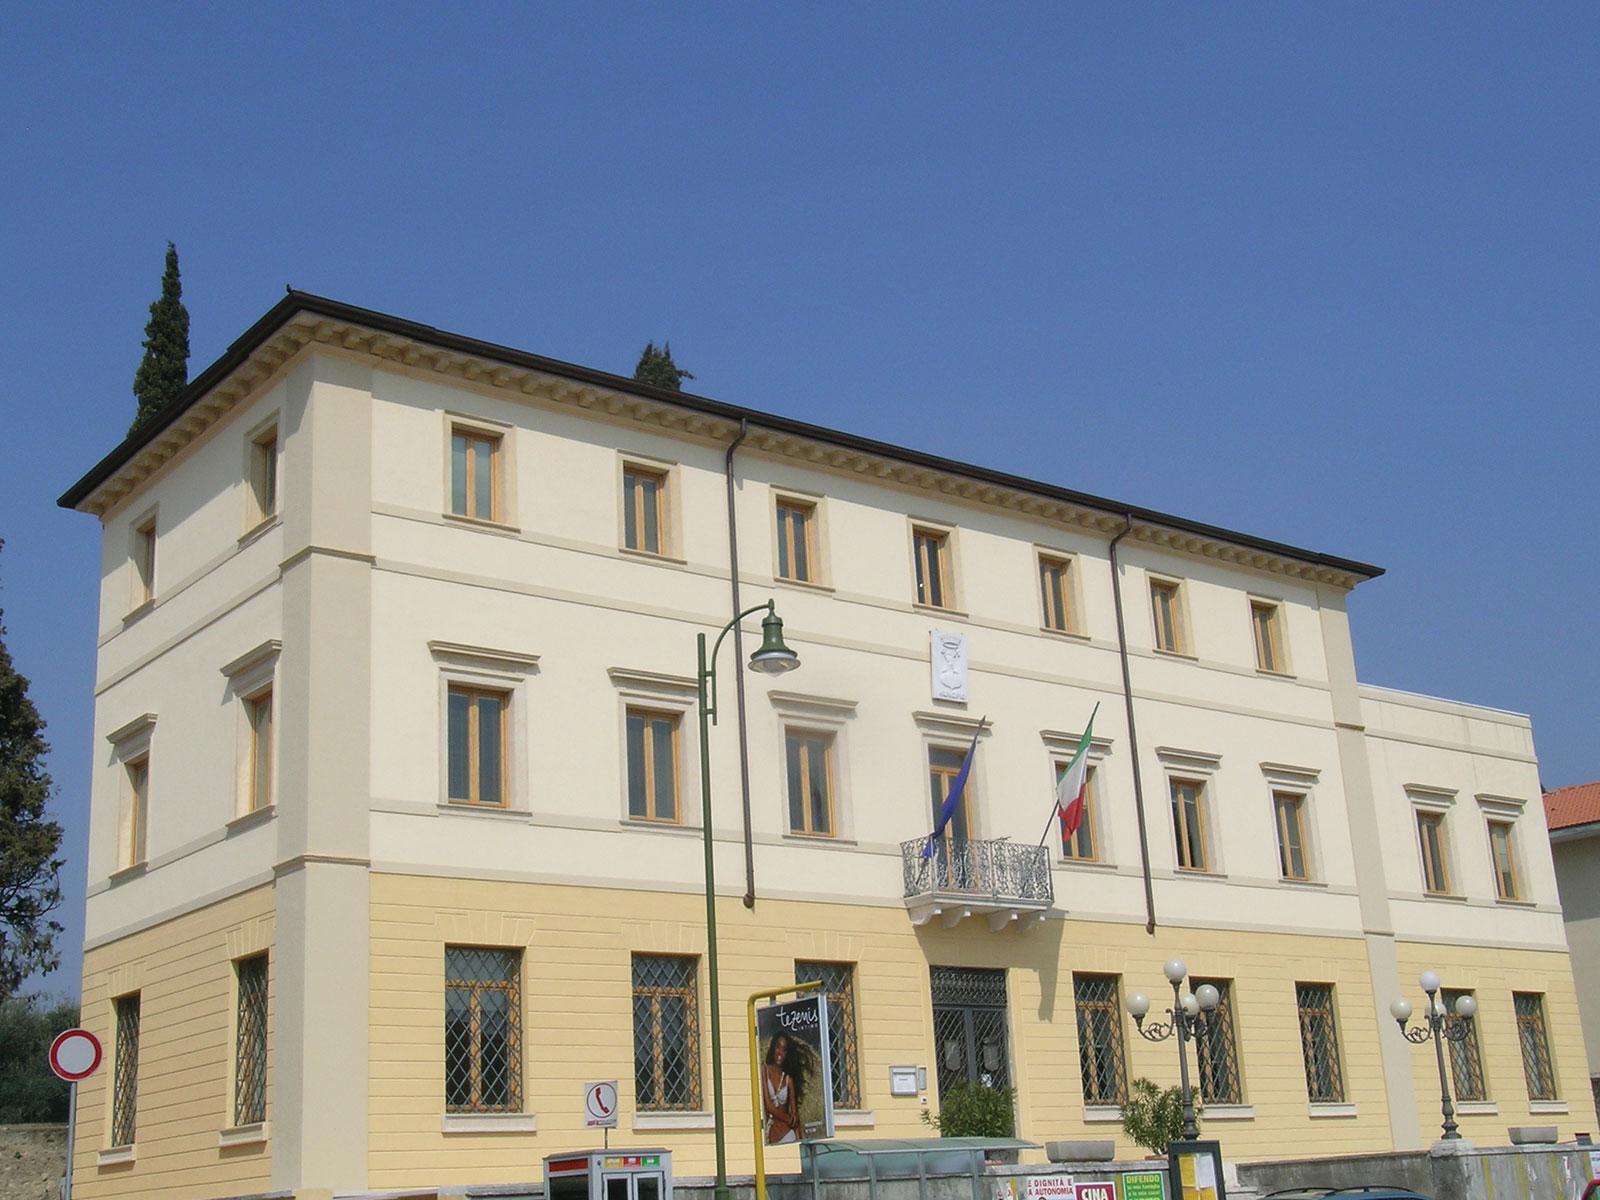 Costruzioni Tieni 1836 Srl | Edilizia Pubblica